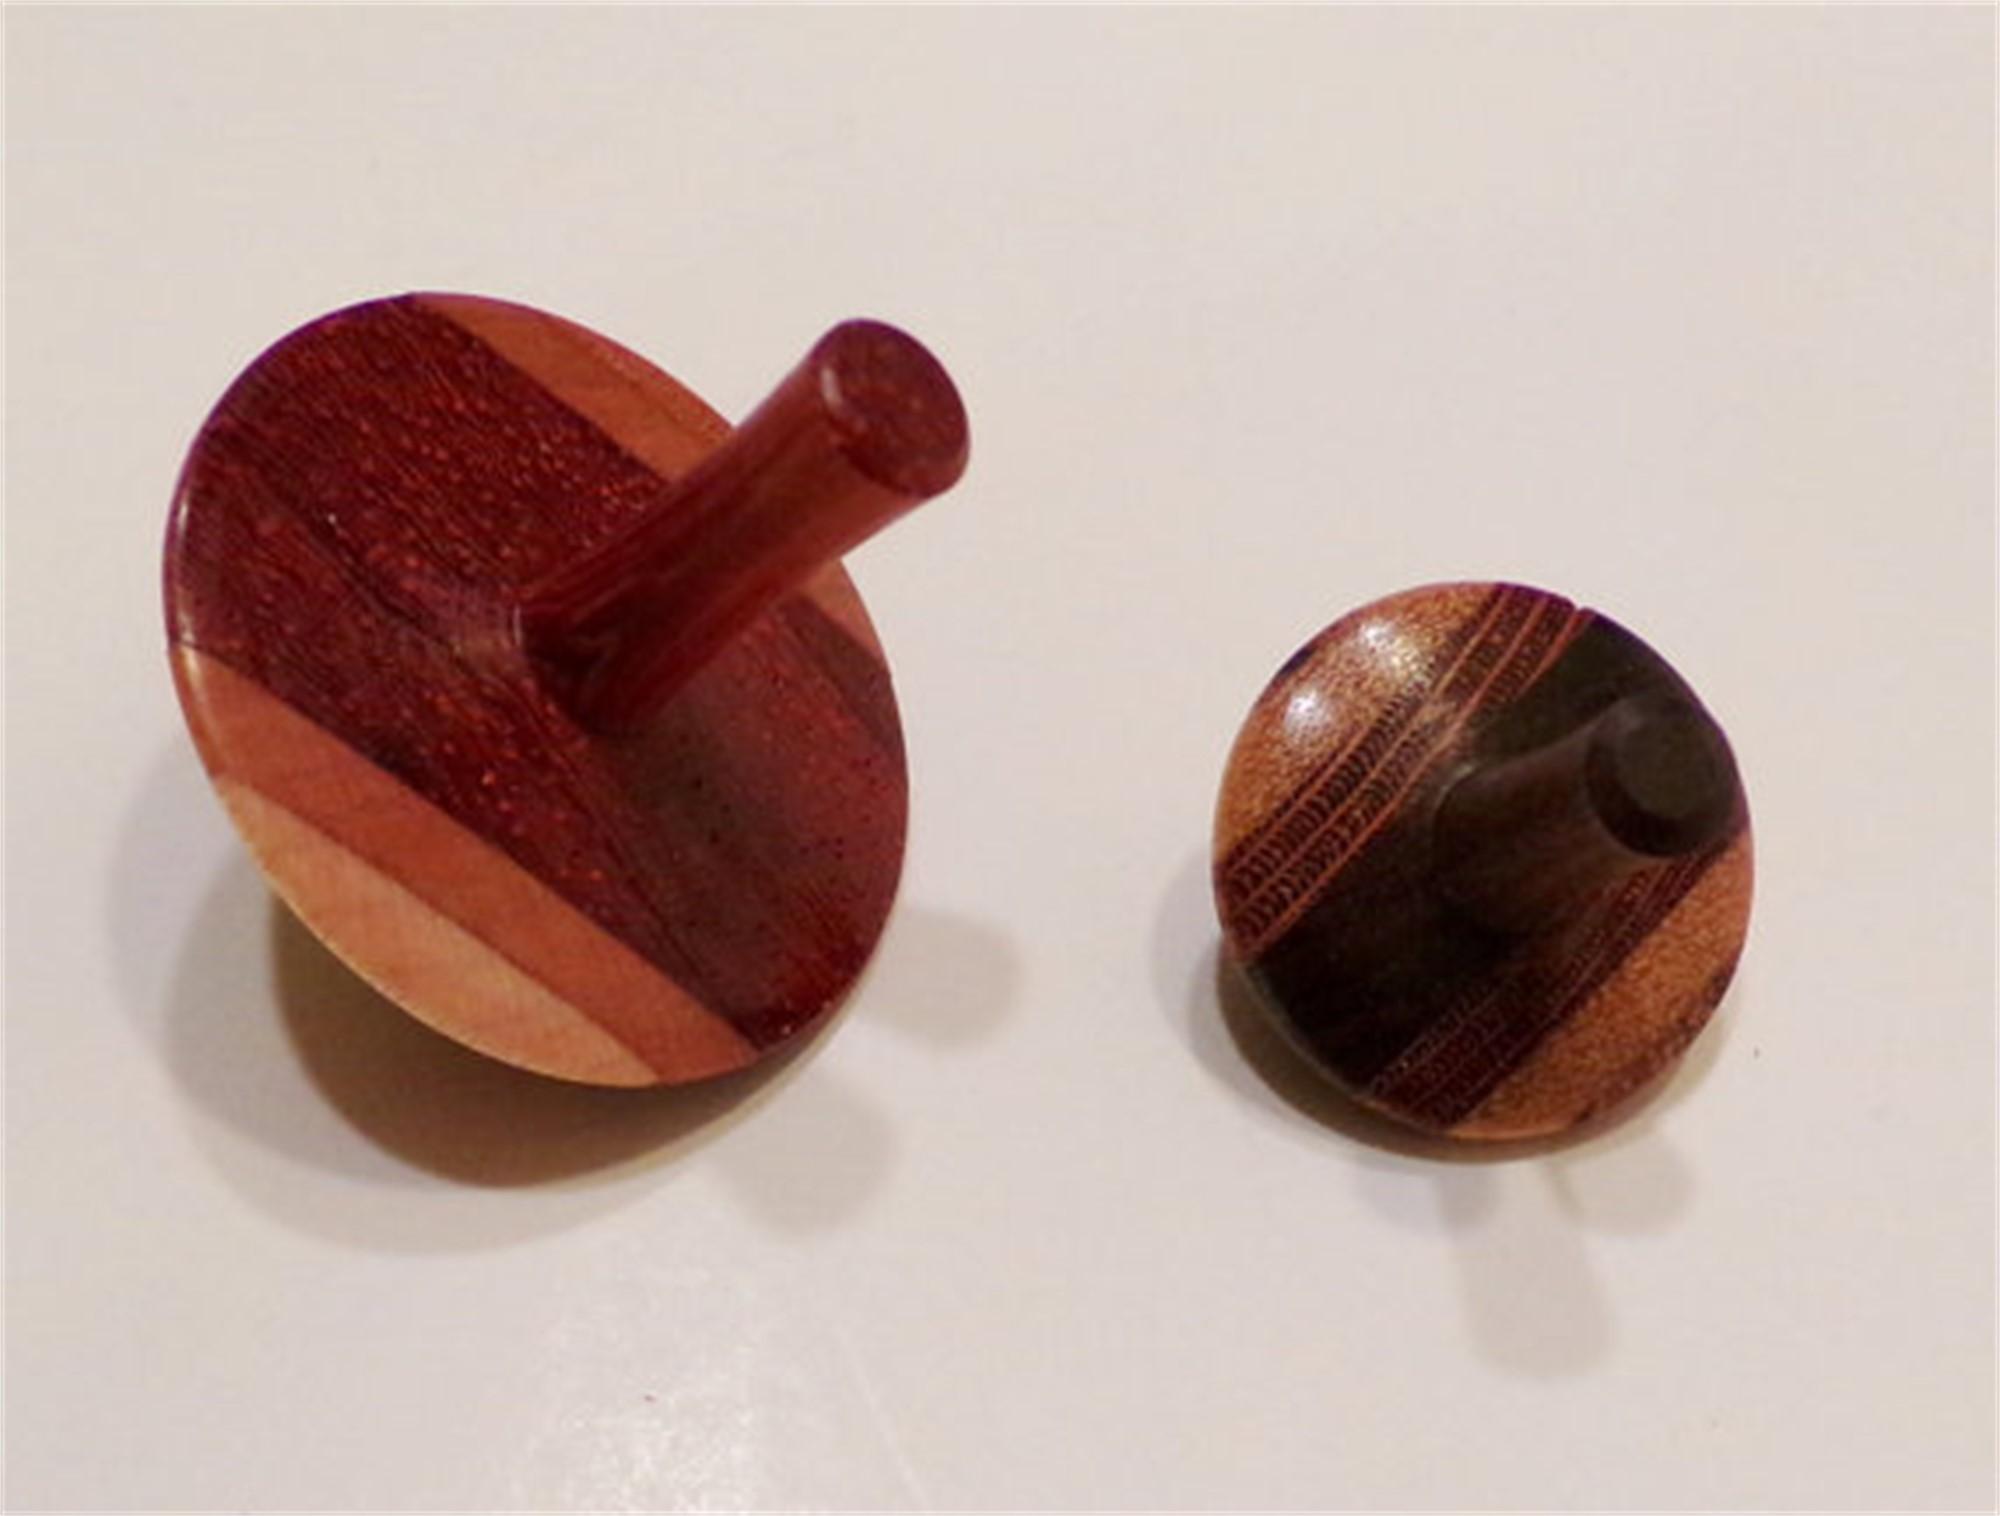 Wooden spinning tops by Bill Wanezek